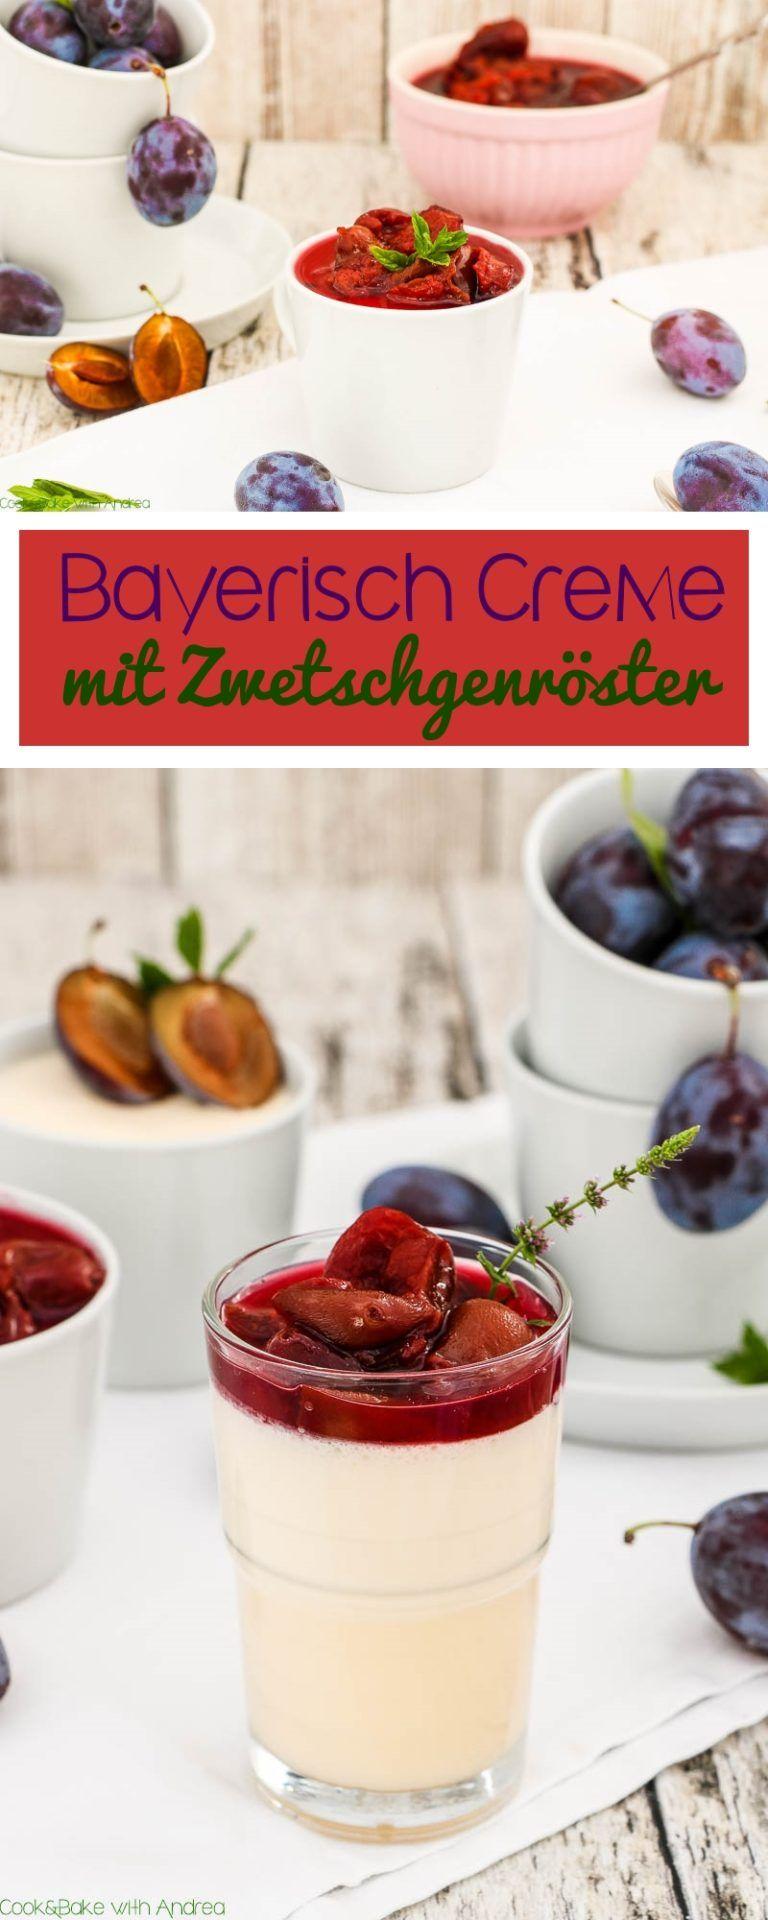 Bayerisch Creme mit Zwetschgenröster | Bayerische creme ...